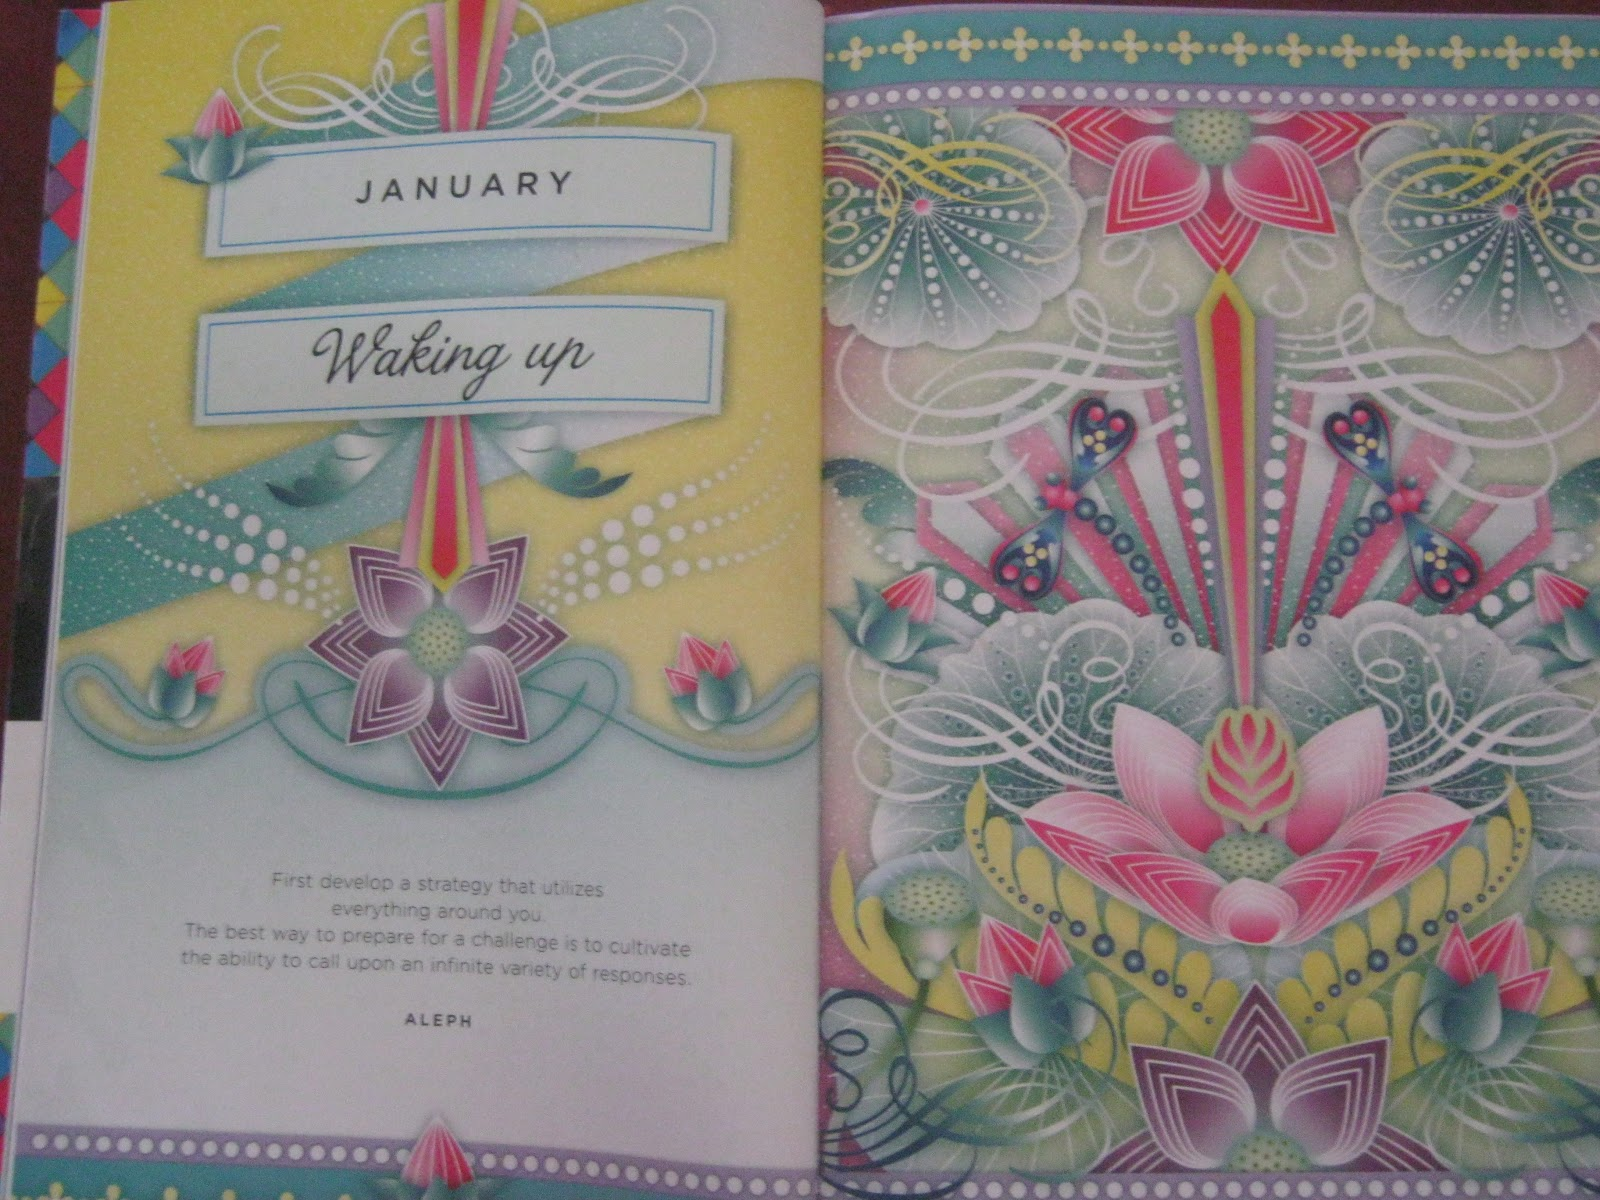 Calendar Planner National Bookstore : Journal watch me create my april calendar overview